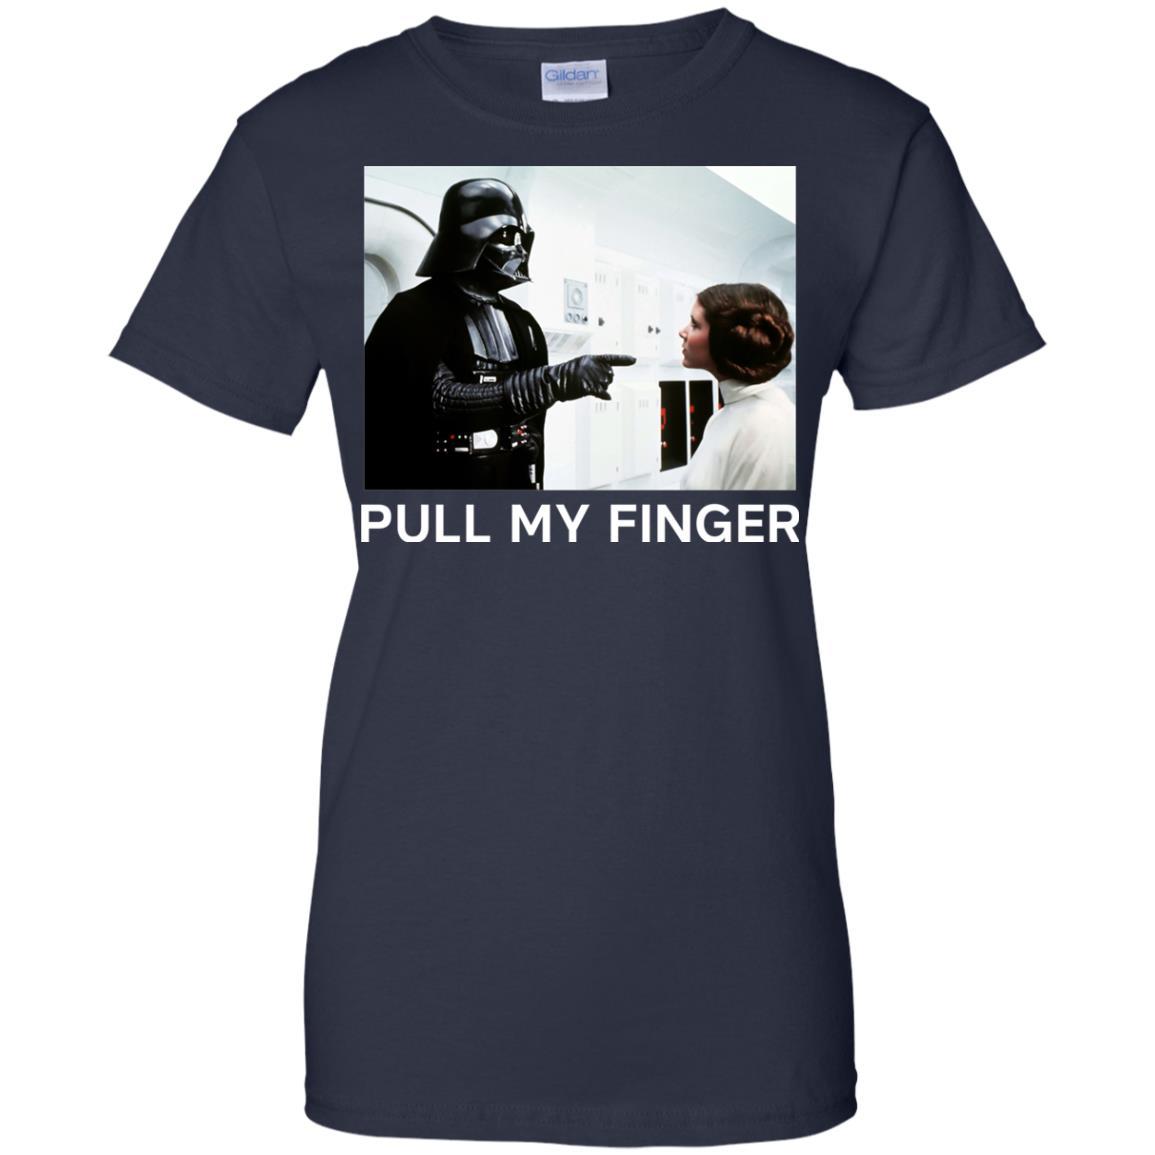 image 542 - Star Wars Darth Vader & Princess Leia: Pull My Finger shirt